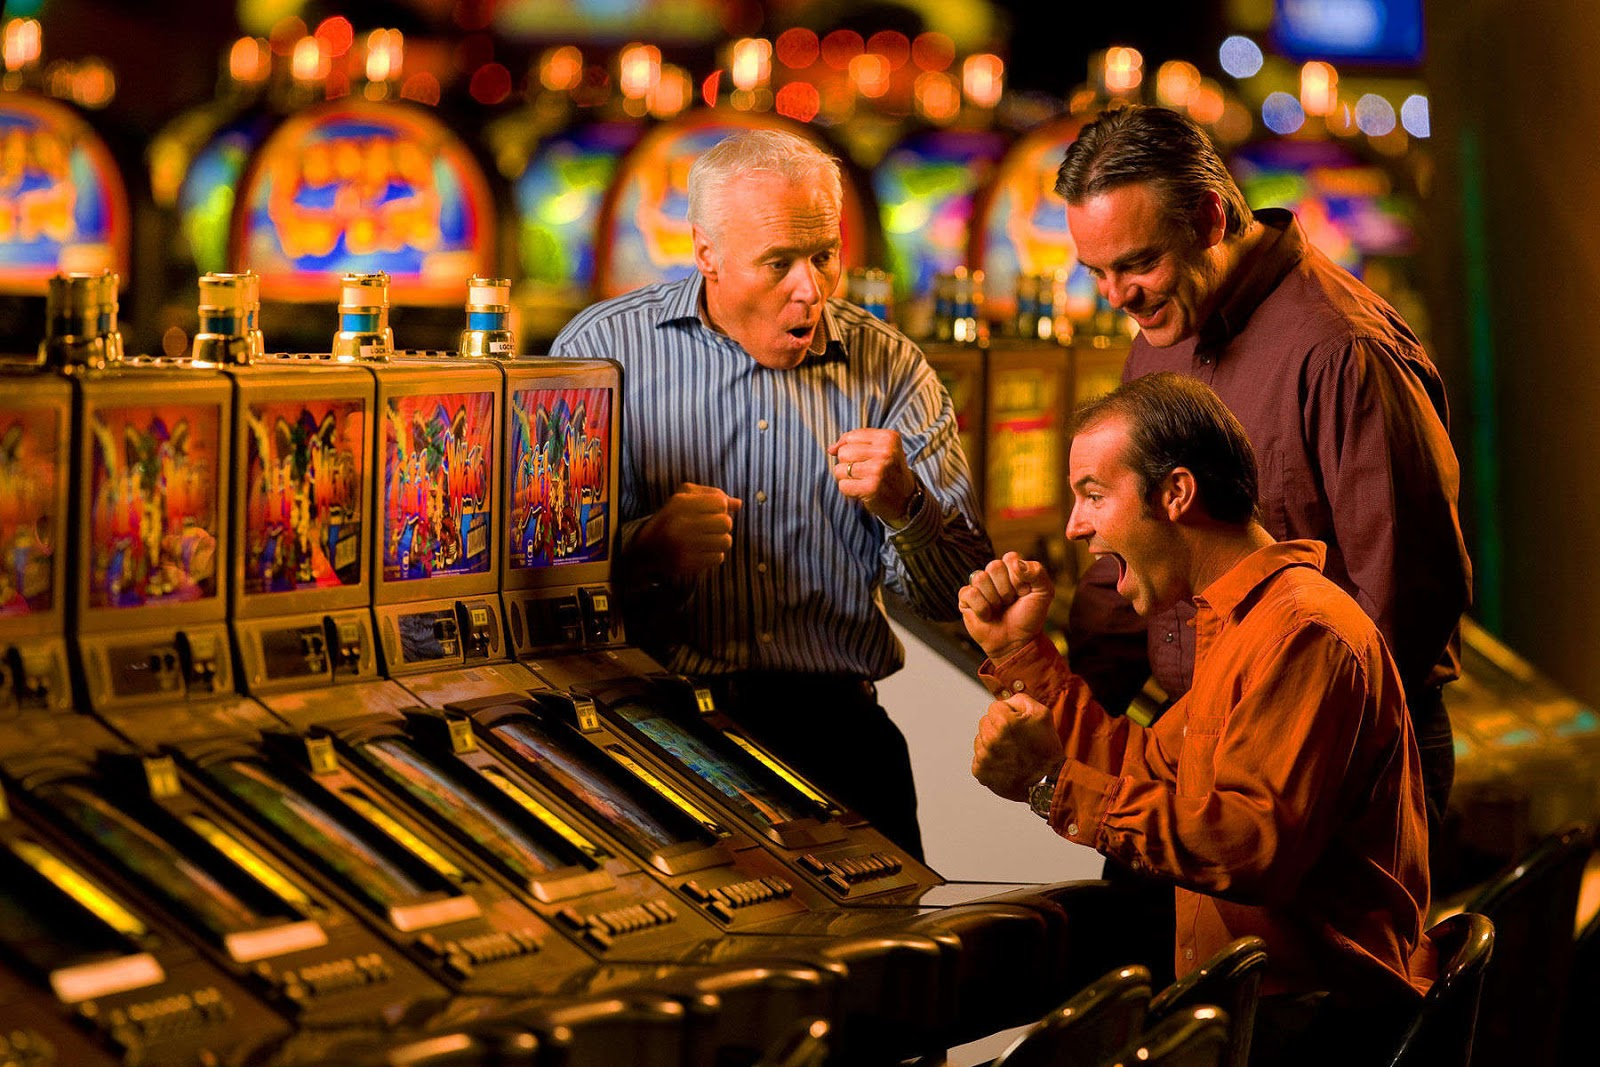 Làm thế nào để trở thành một tay chơi poker chuyên nghiệp? (P2) | casino online